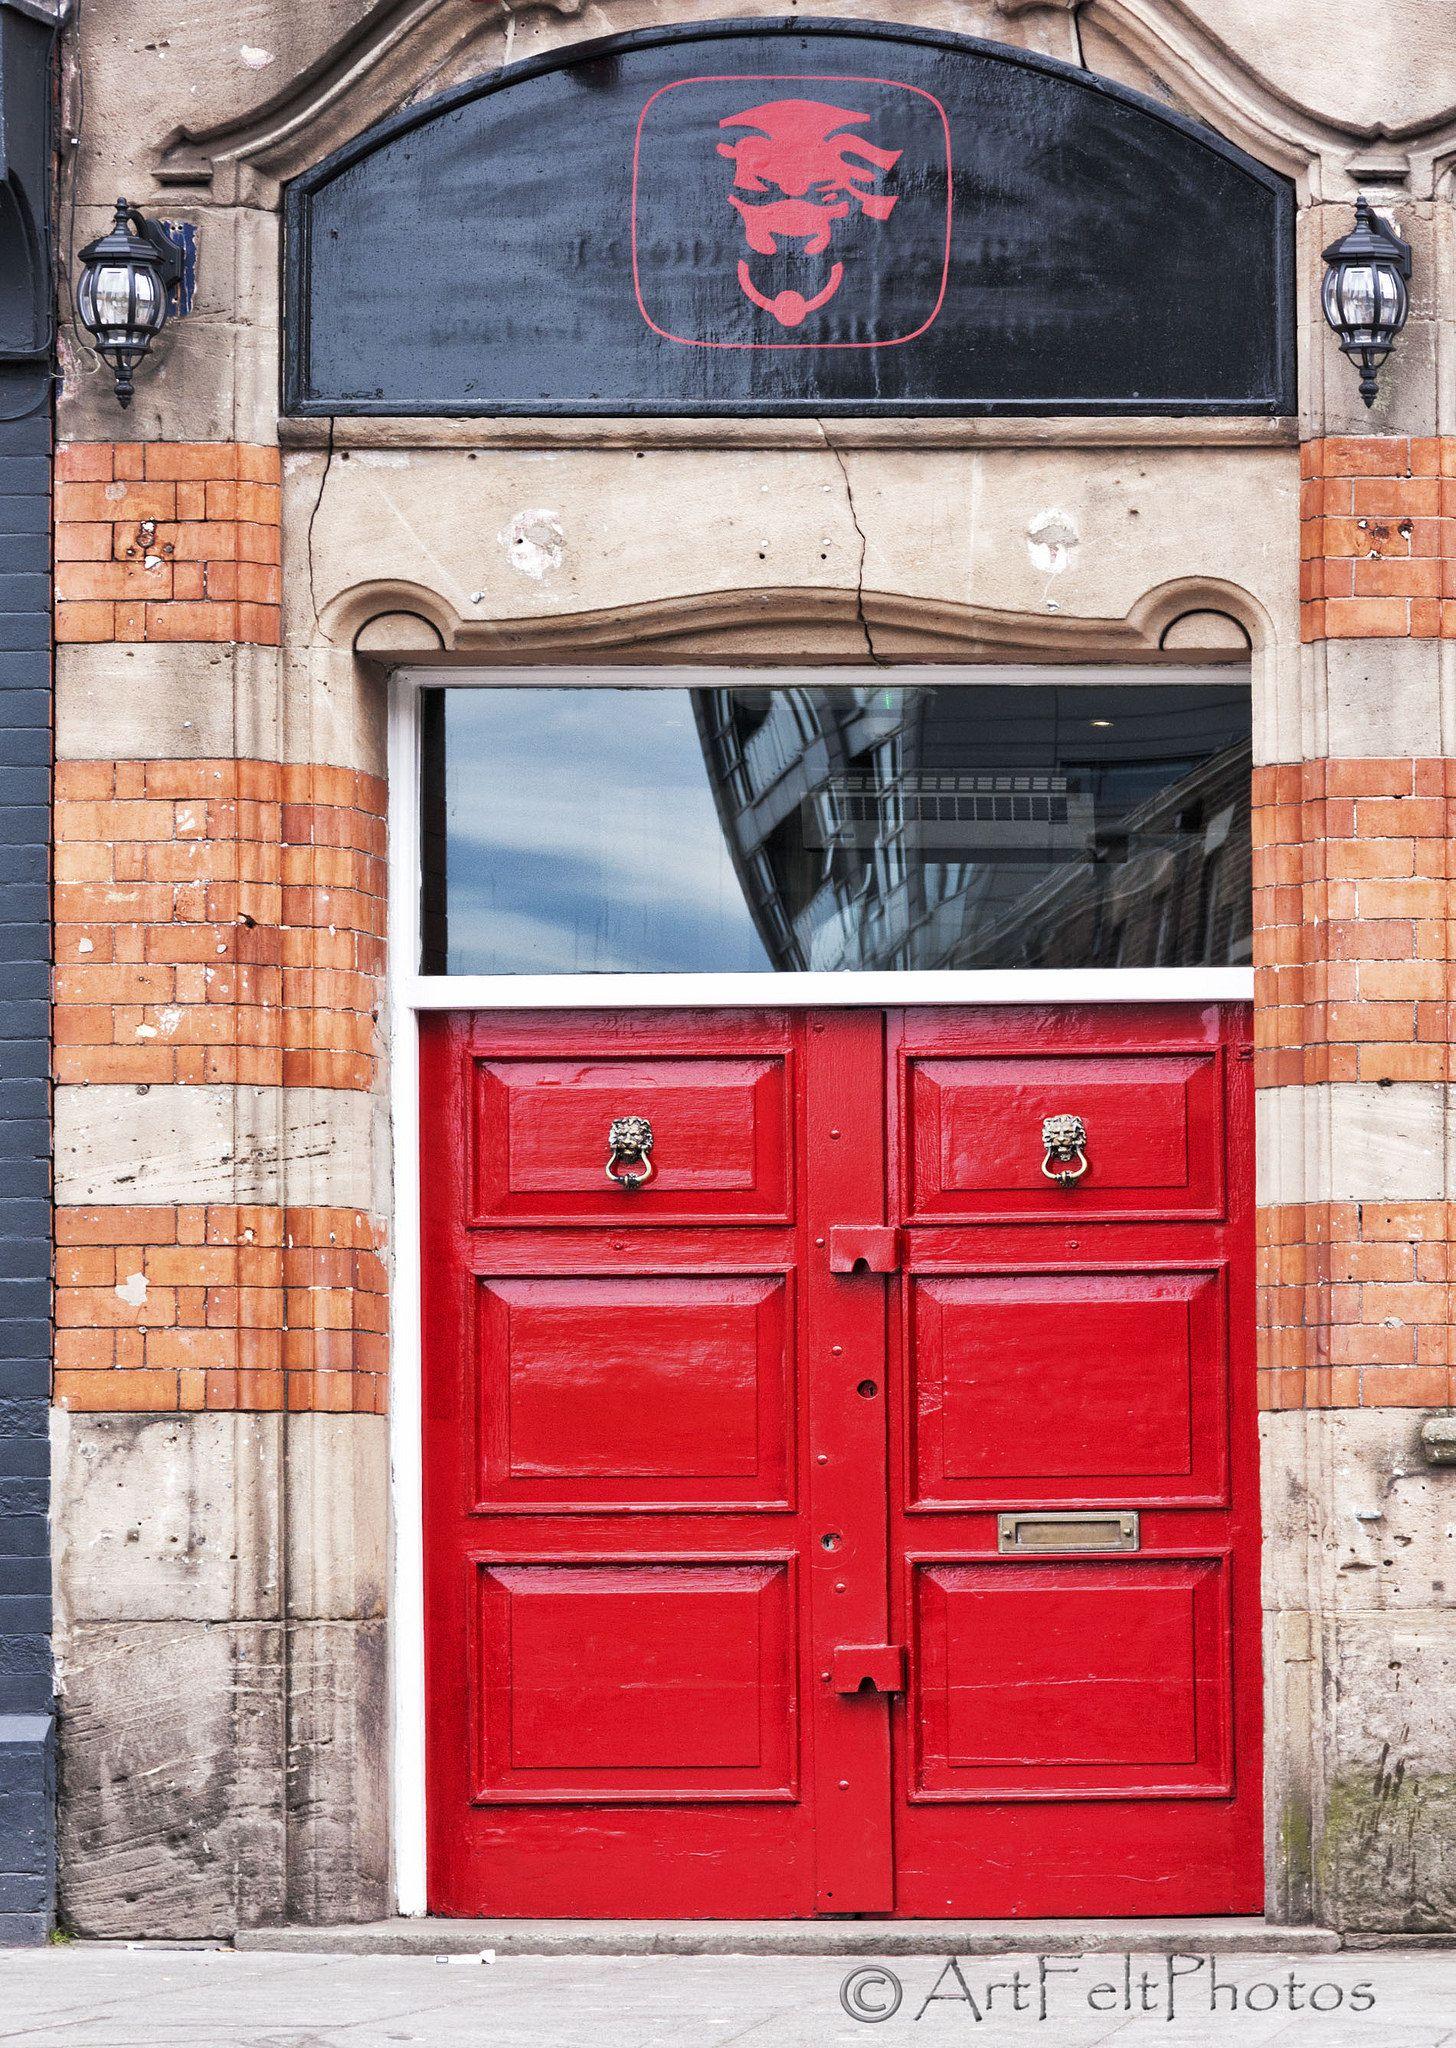 & 12712-red-door-liverpool